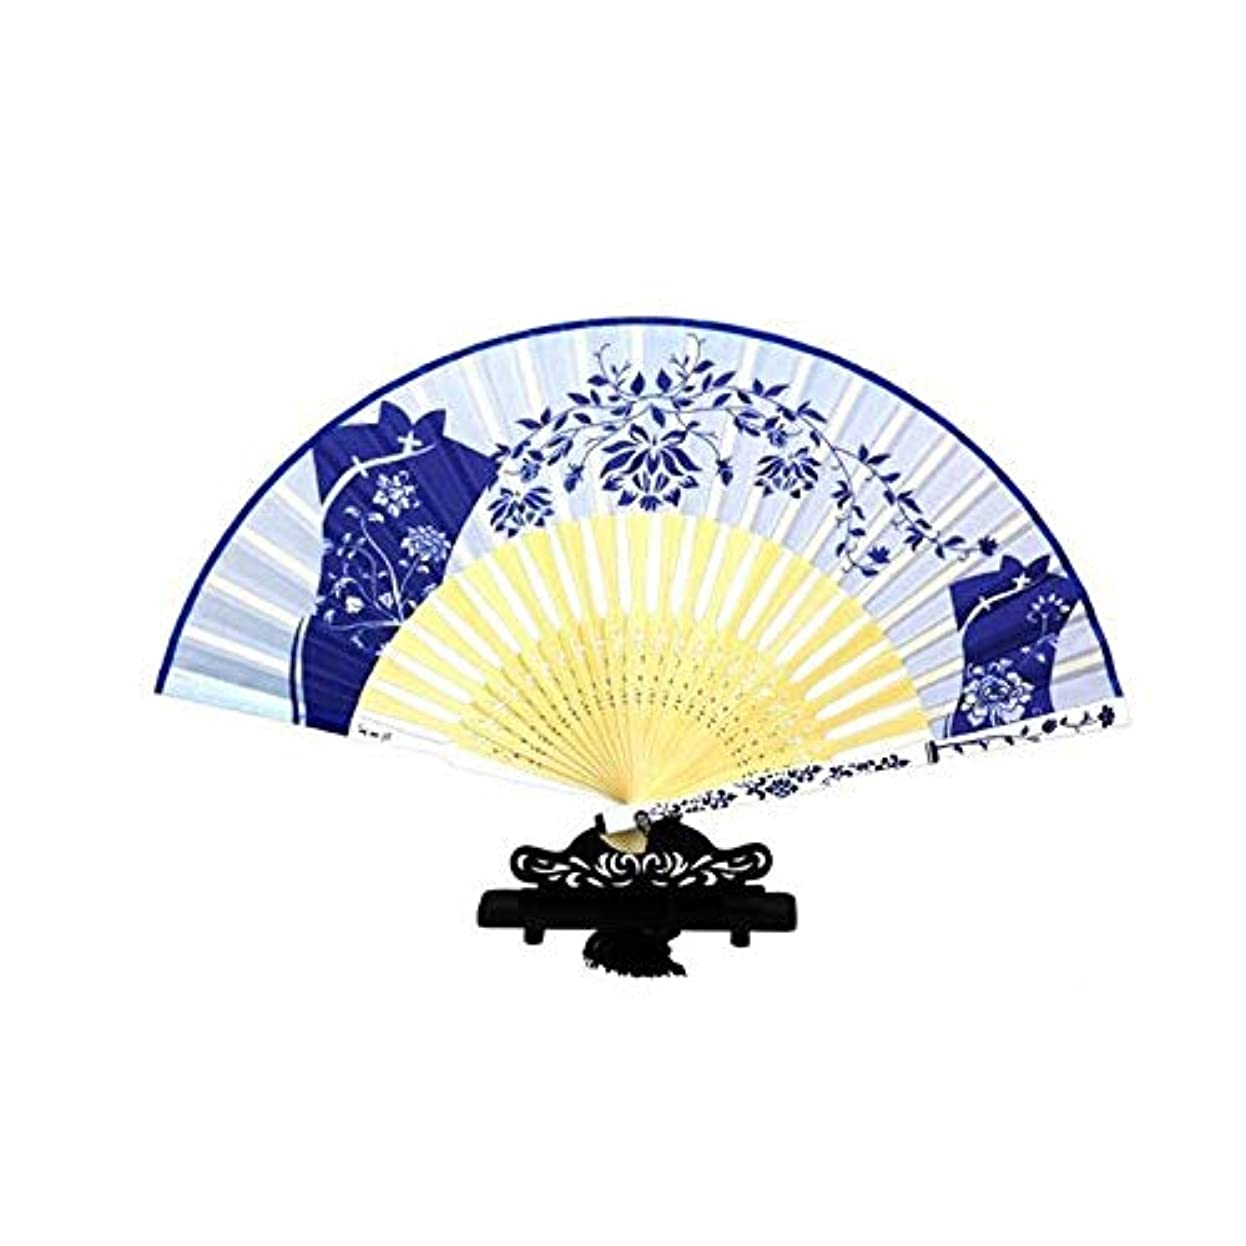 トライアスリート助けて属性QIANZICAI ファン、中国のスタイル青と白の磁器扇子、舞台小道具、ホームアクセサリー、サイズ21センチメートル折りたたみ。 ファン (Color : Blue-A)